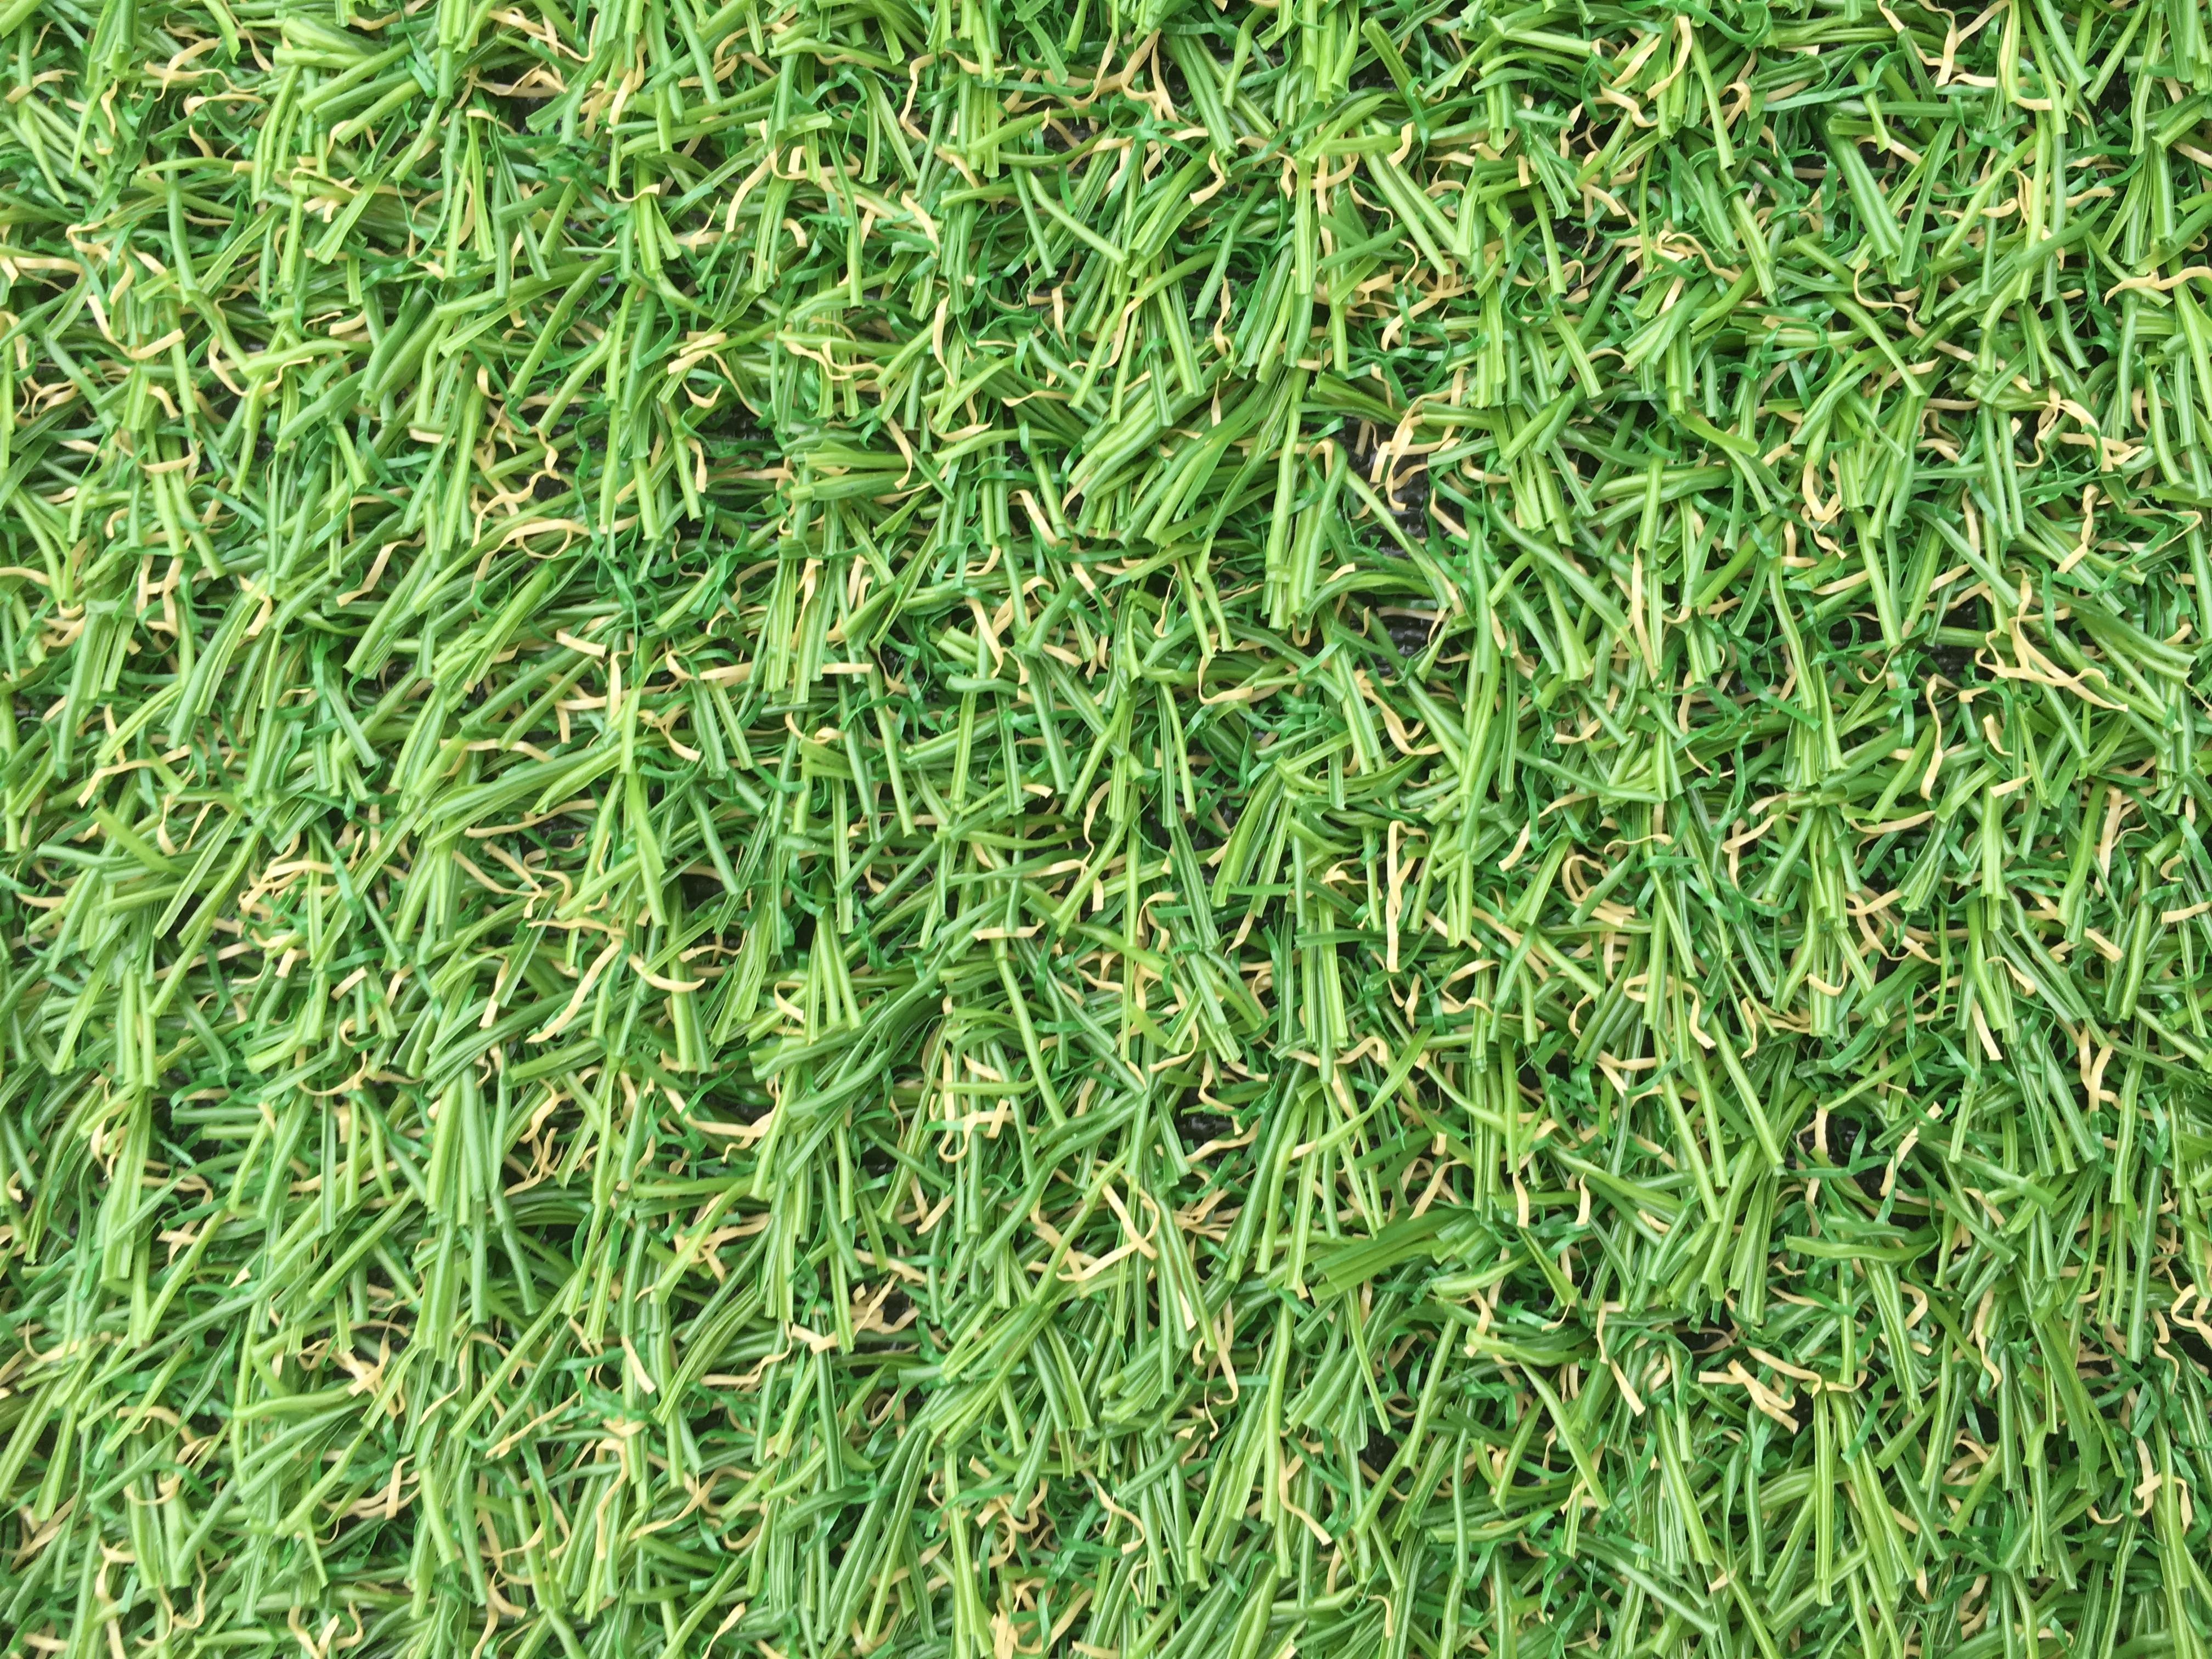 Covor Iarba Artificiala, Tip Gazon, Verde, Natura, 100% Polipropilena, 10 mm, 100x400 cm0